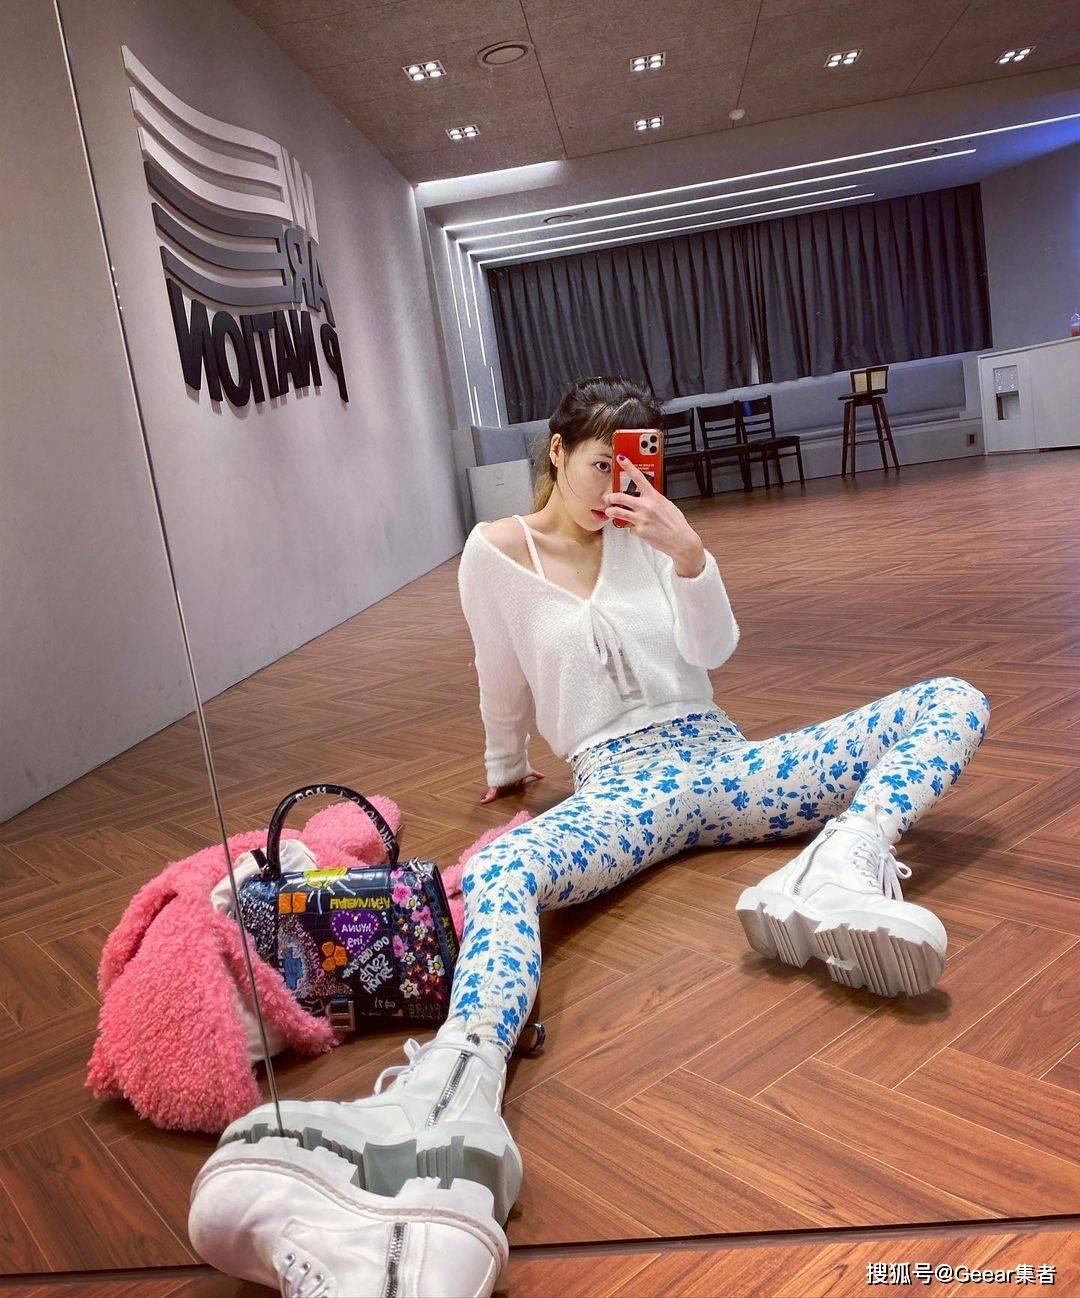 春夏季必备单品清单第一位:看看韩国女星们如何演绎小外套吧!